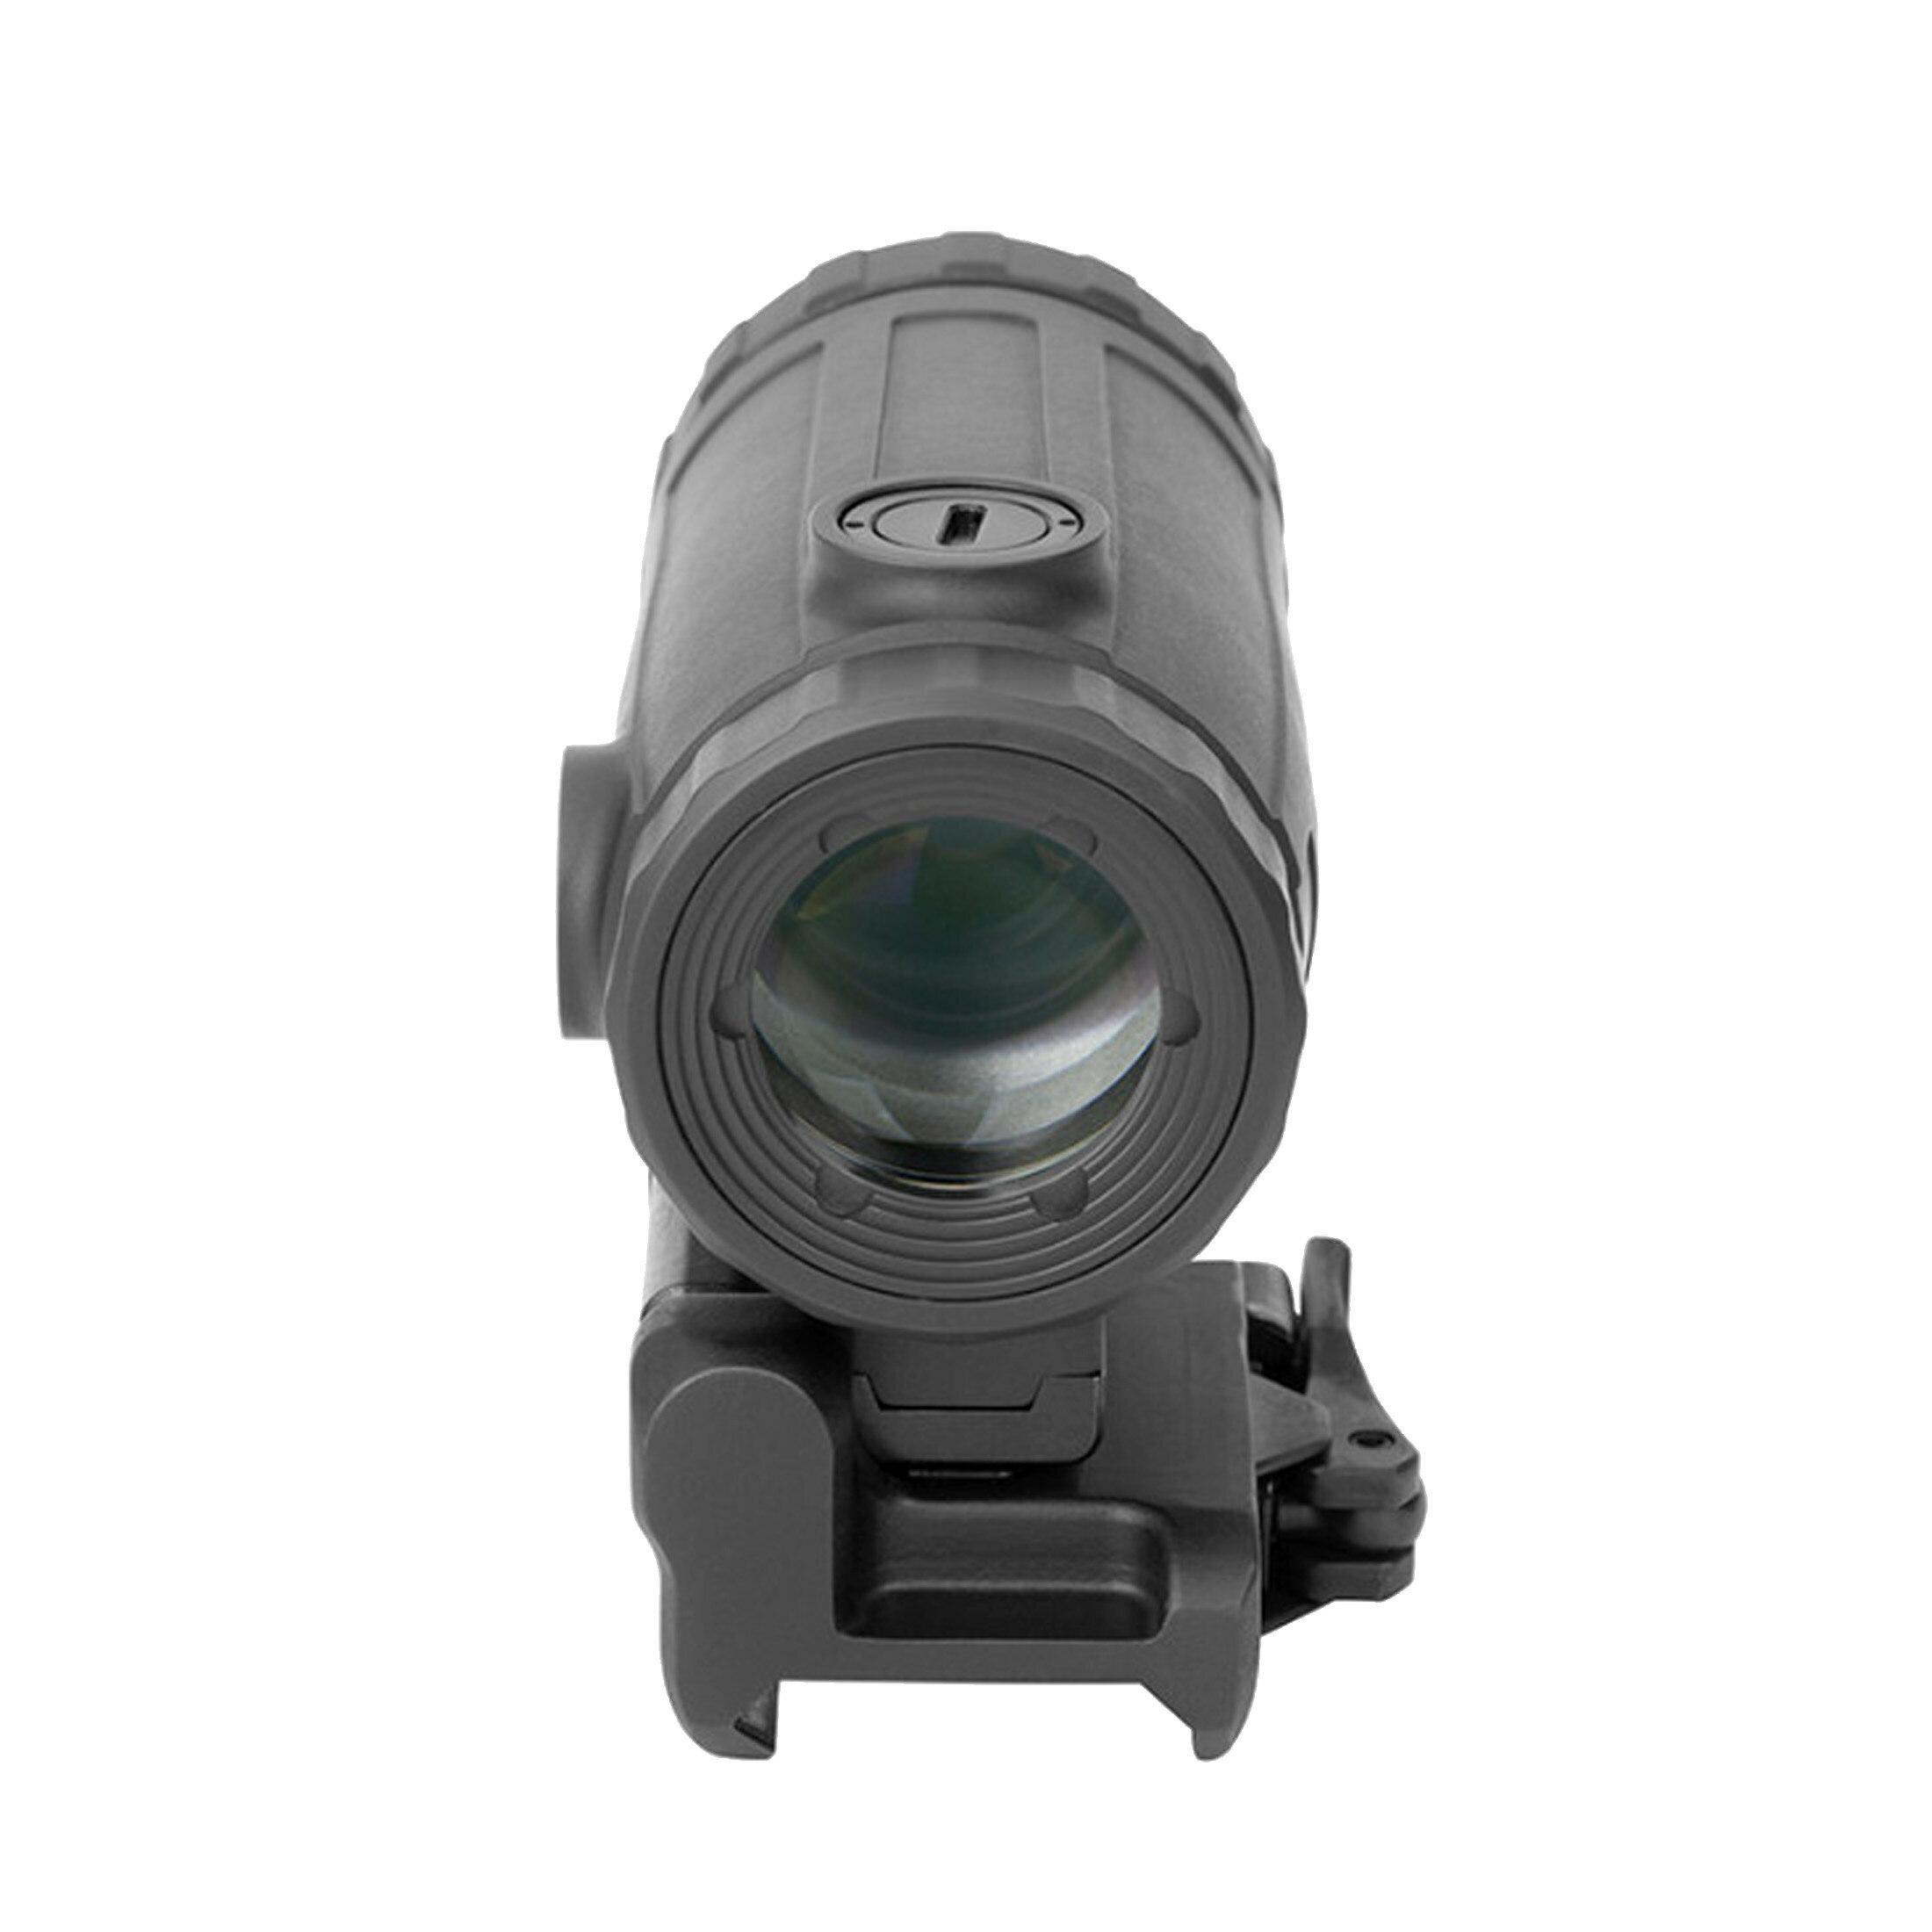 Holosun Magnifier HM3XT